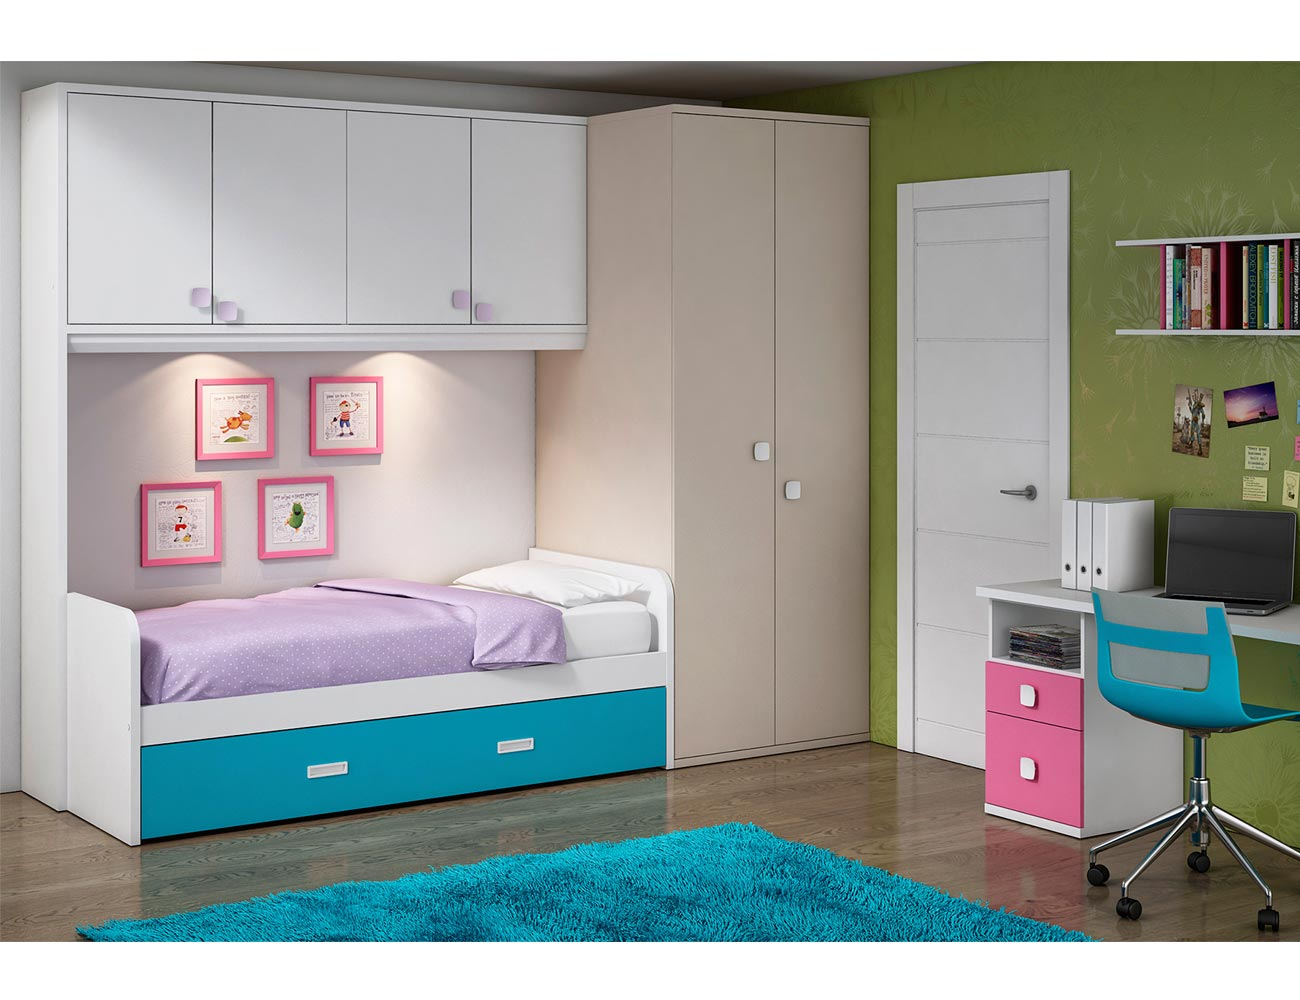 Dormitorio juvenil armario vestidor rincon cama puente estudio